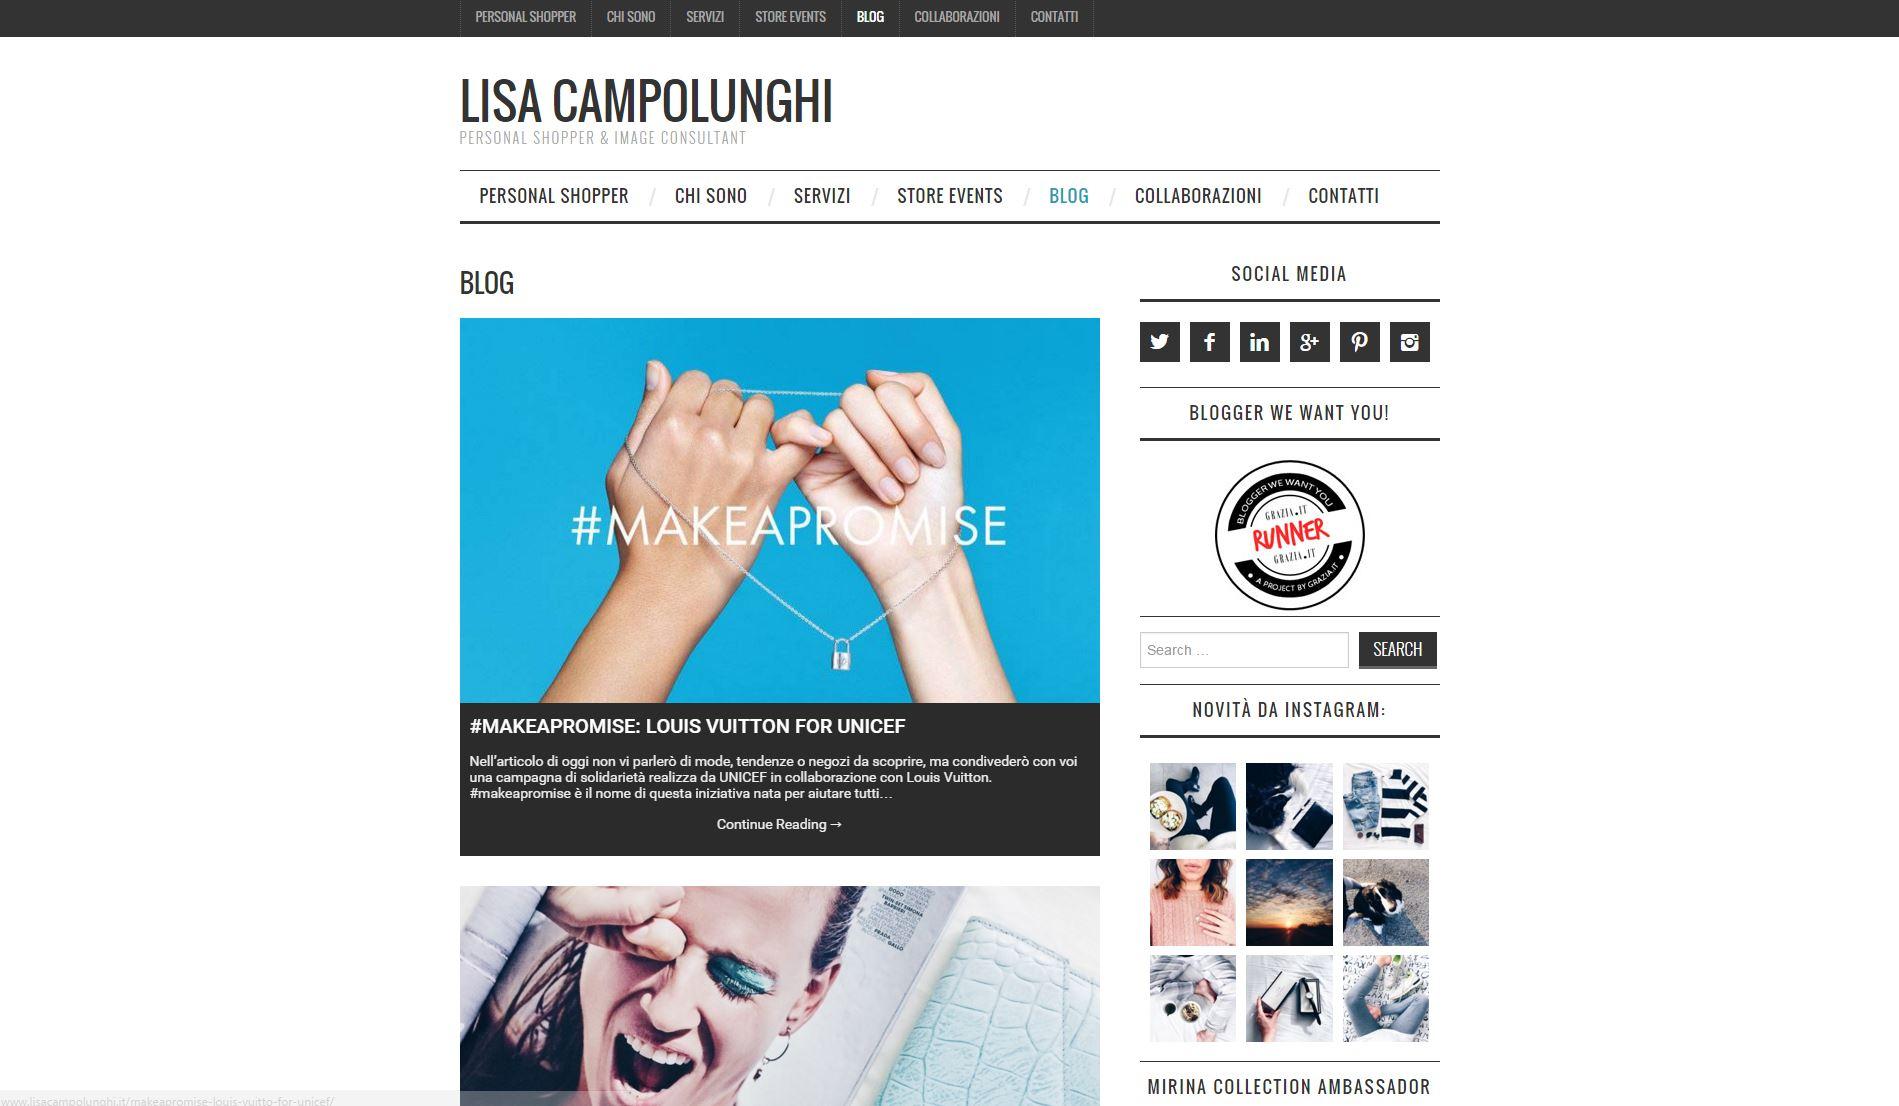 creazione sito web blog wordpress personal shopper image consultant lisa campolunghi